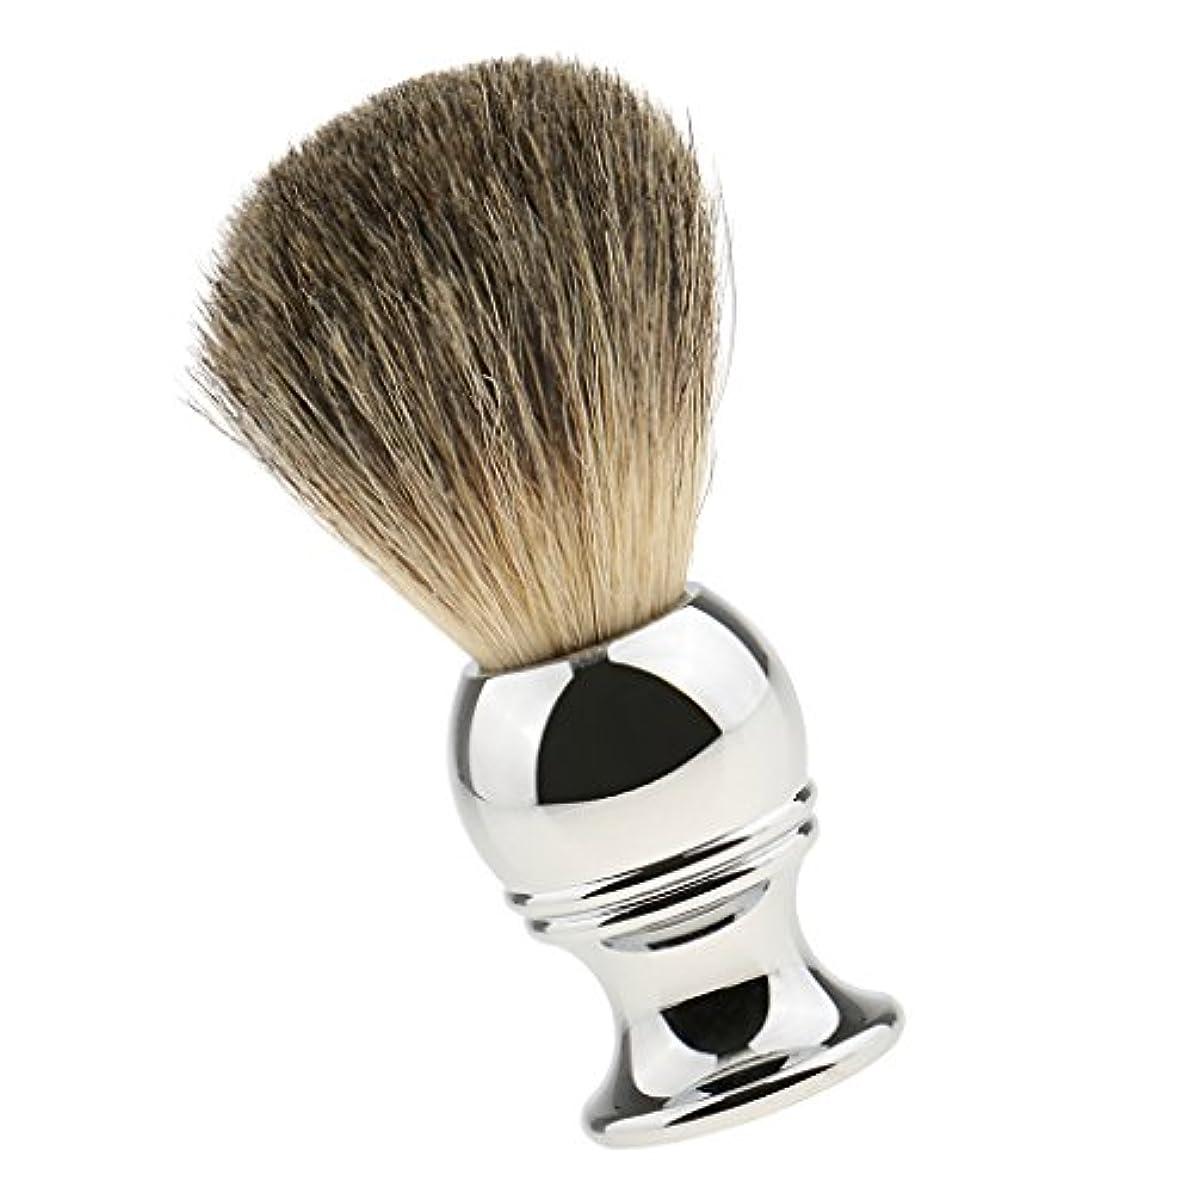 予言する味付けヒロイック男性用 高密度 シェービングブラシ ロングハンドル 髭剃り 洗顔 ブラシ シェーブツール